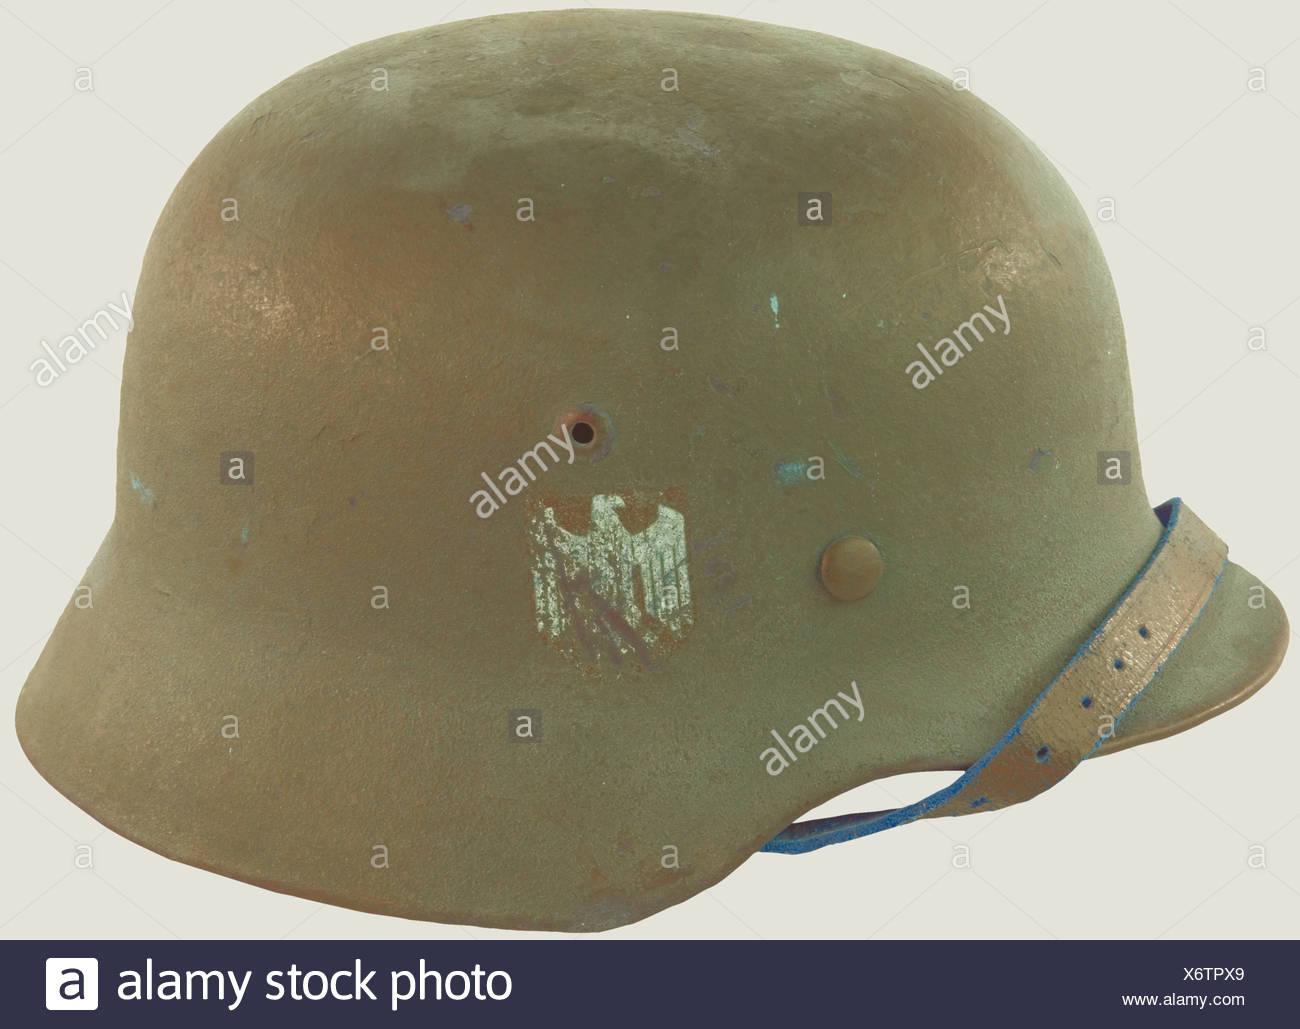 Wehrmacht, Casque modèle 35/40, comportant un insigne visible à 50%, belle peinture, complet avec son intérieur et sa jugulaire (un peu abimée)., , Additional-Rights-Clearances-NA - Stock Image